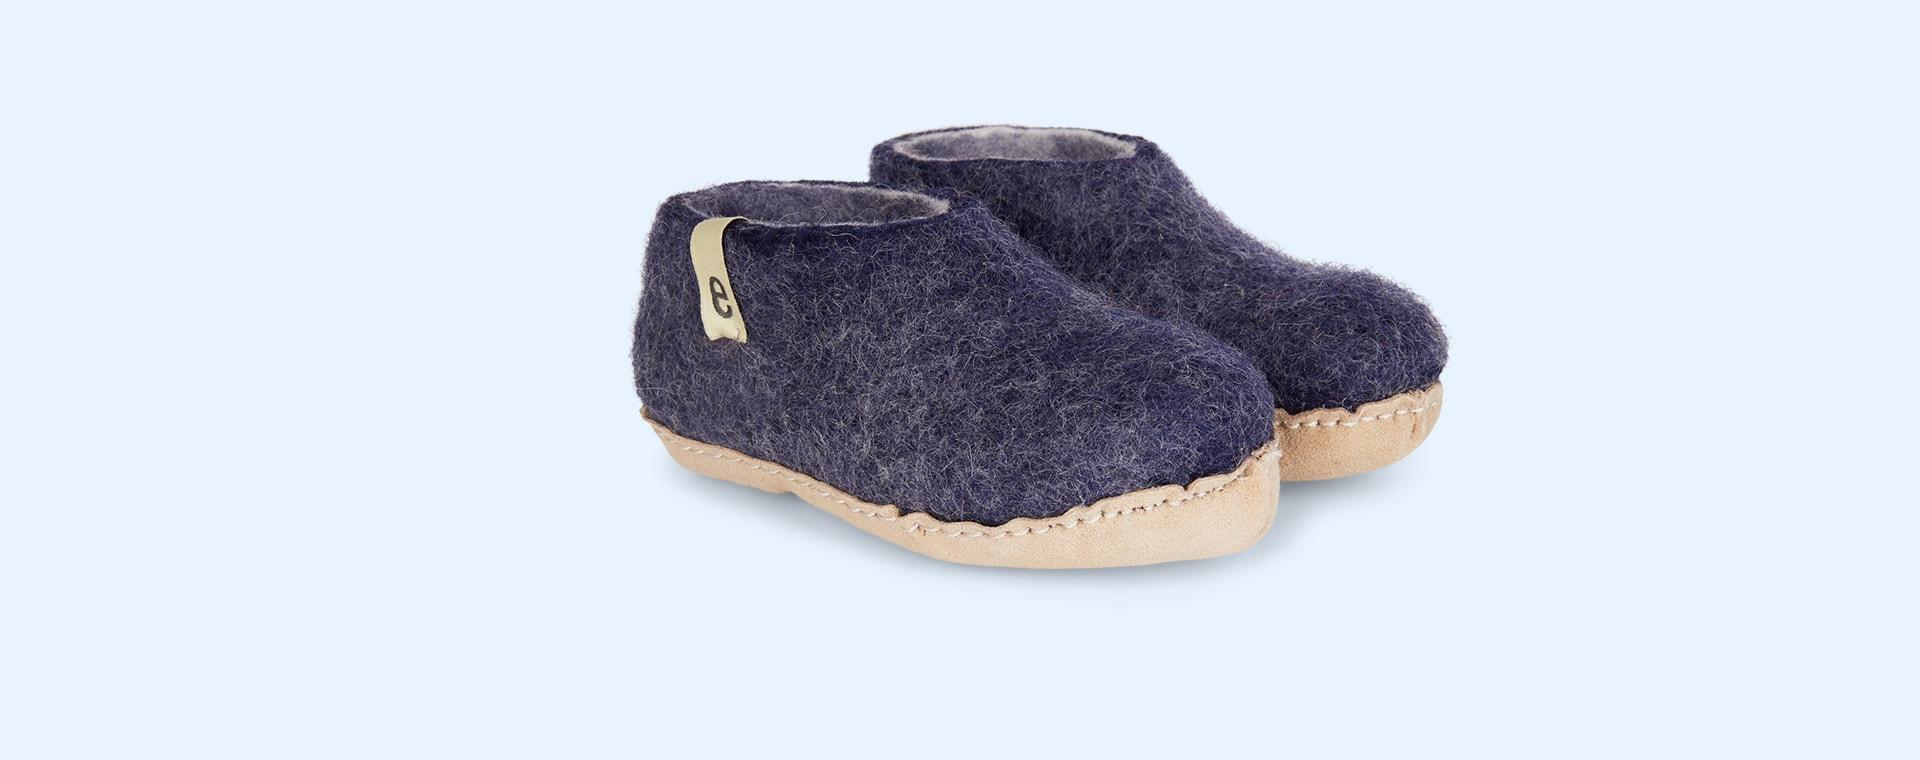 Classic Blue Egos Copenhagen Slipper Shoe